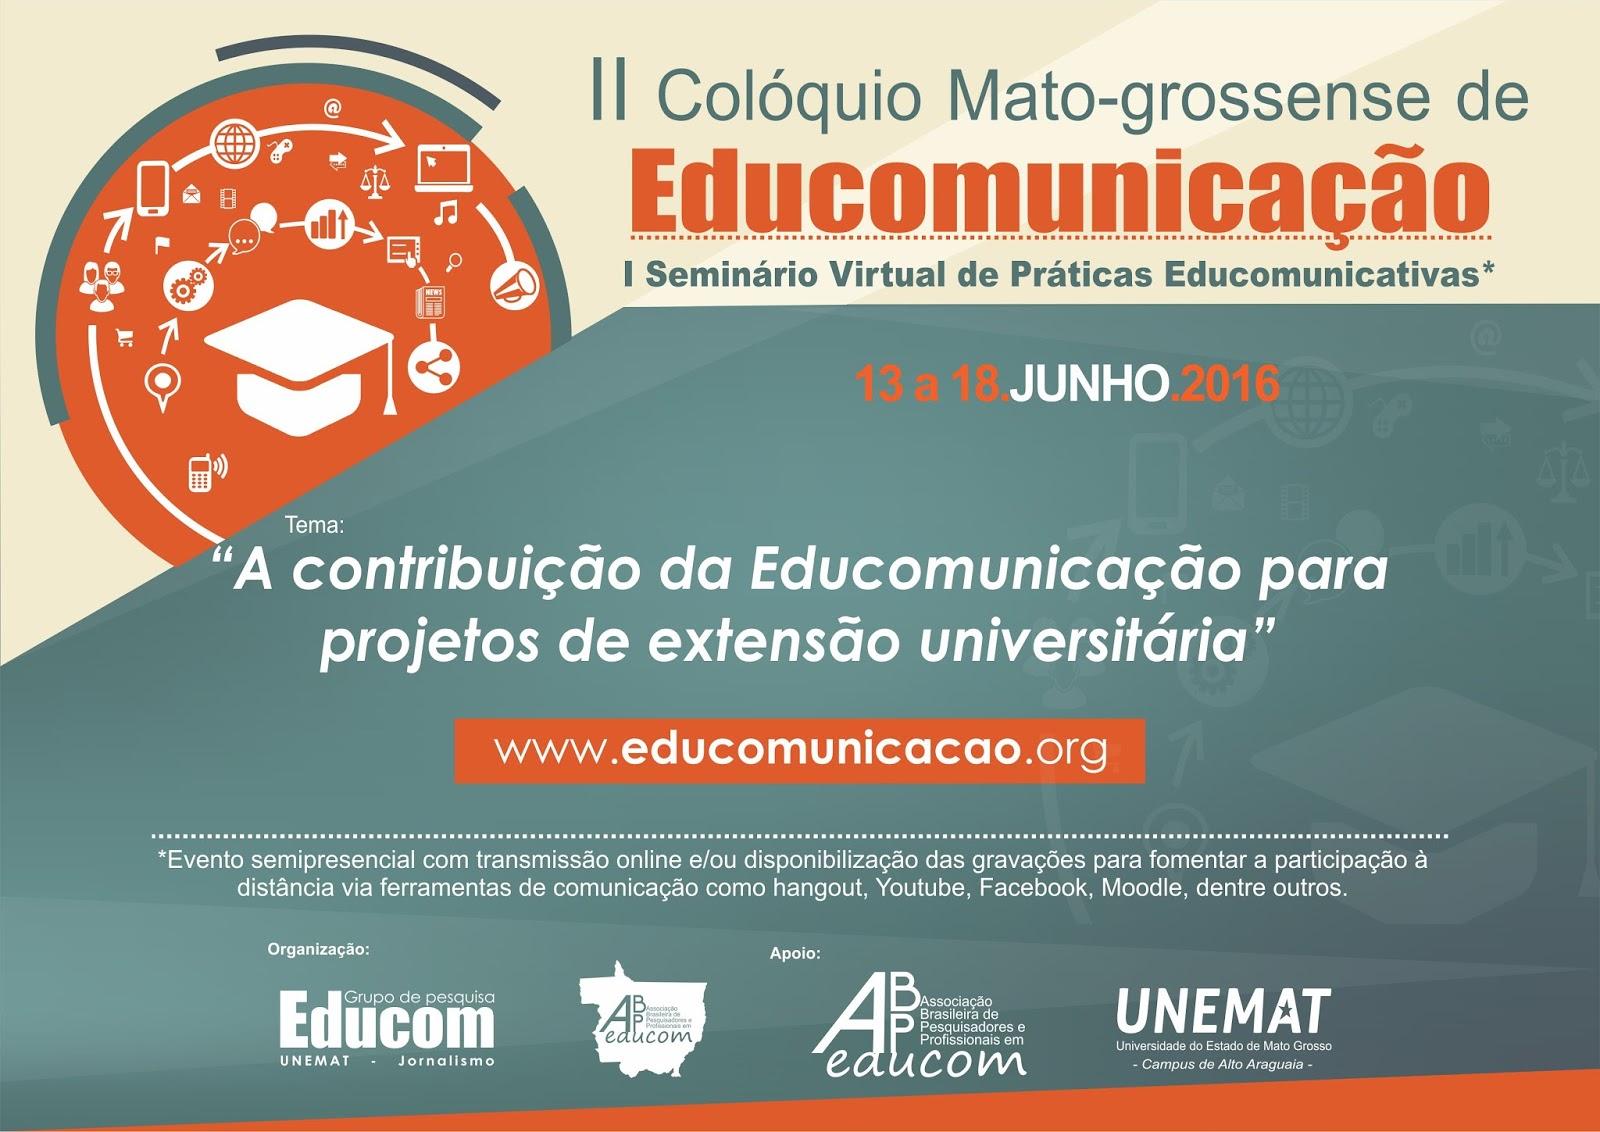 II COLÓQUIO DE EDUCOMUNICAÇÃO (1)